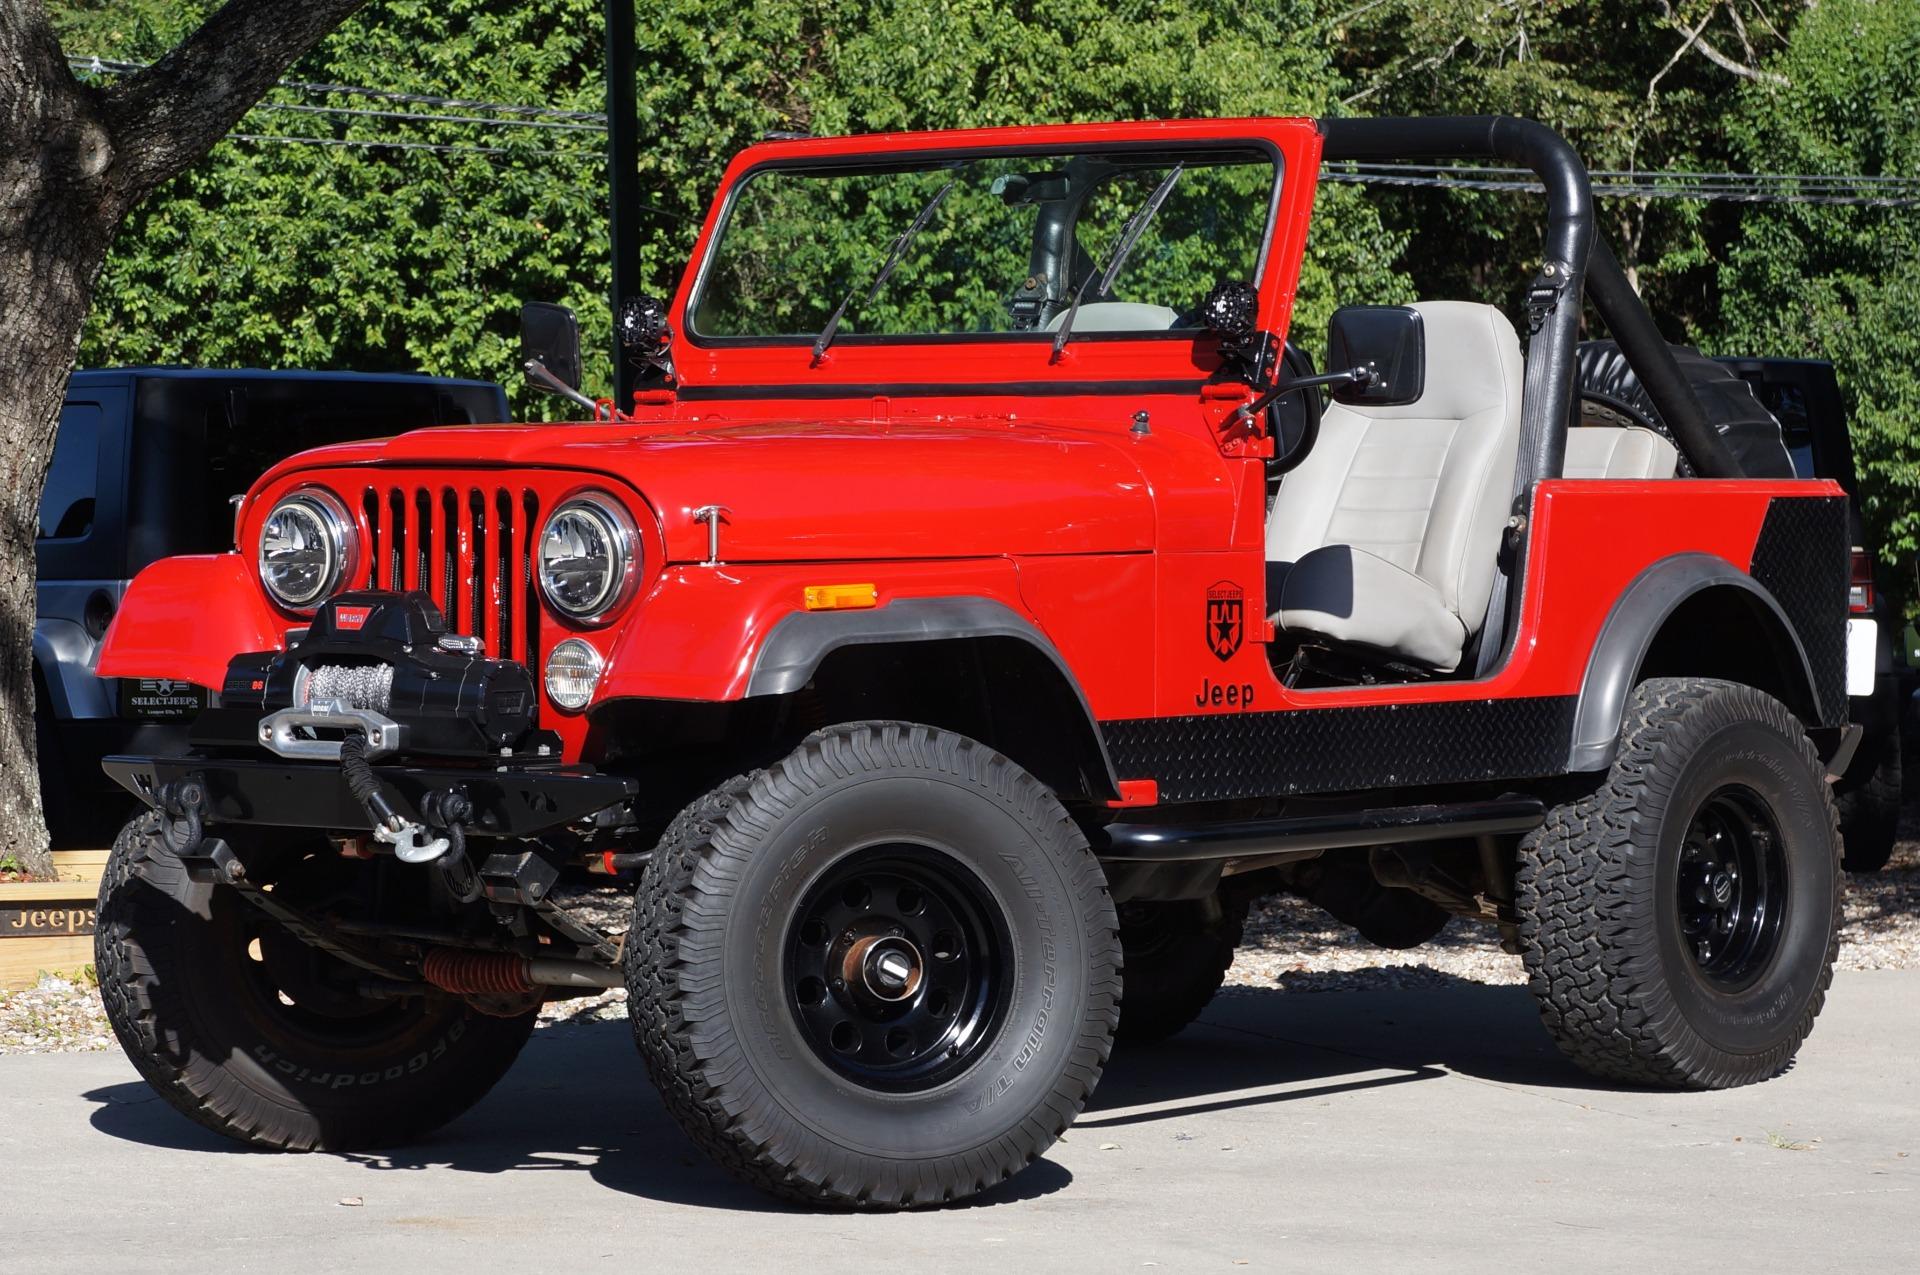 Used 1983 Jeep Cj 7 4wd Wagon Cj7 For Sale 19 995